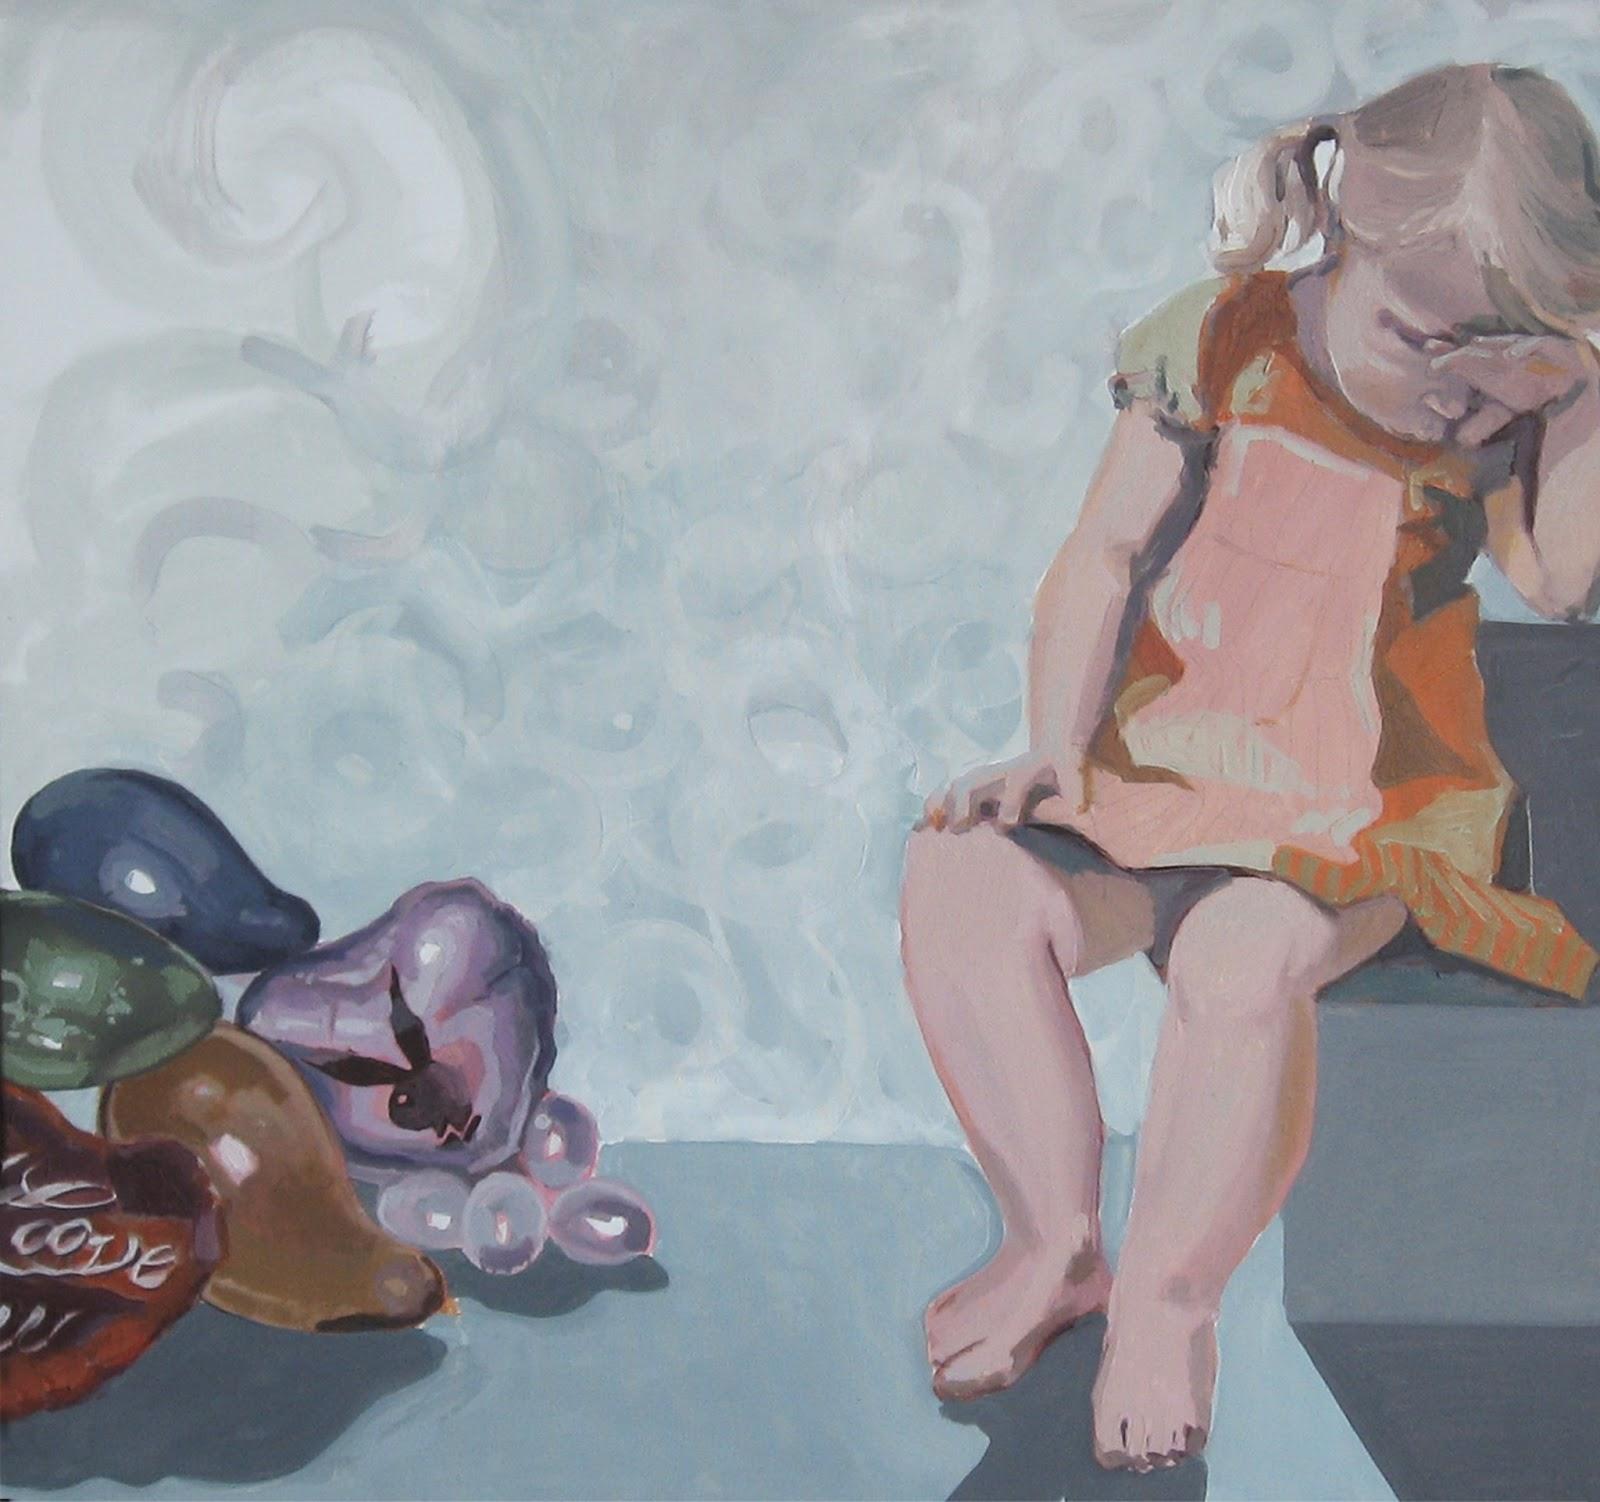 malarstwo olejne Urbaniak Katarzyna dzieci dziewczynki małe desa unicum licytacja warszawa